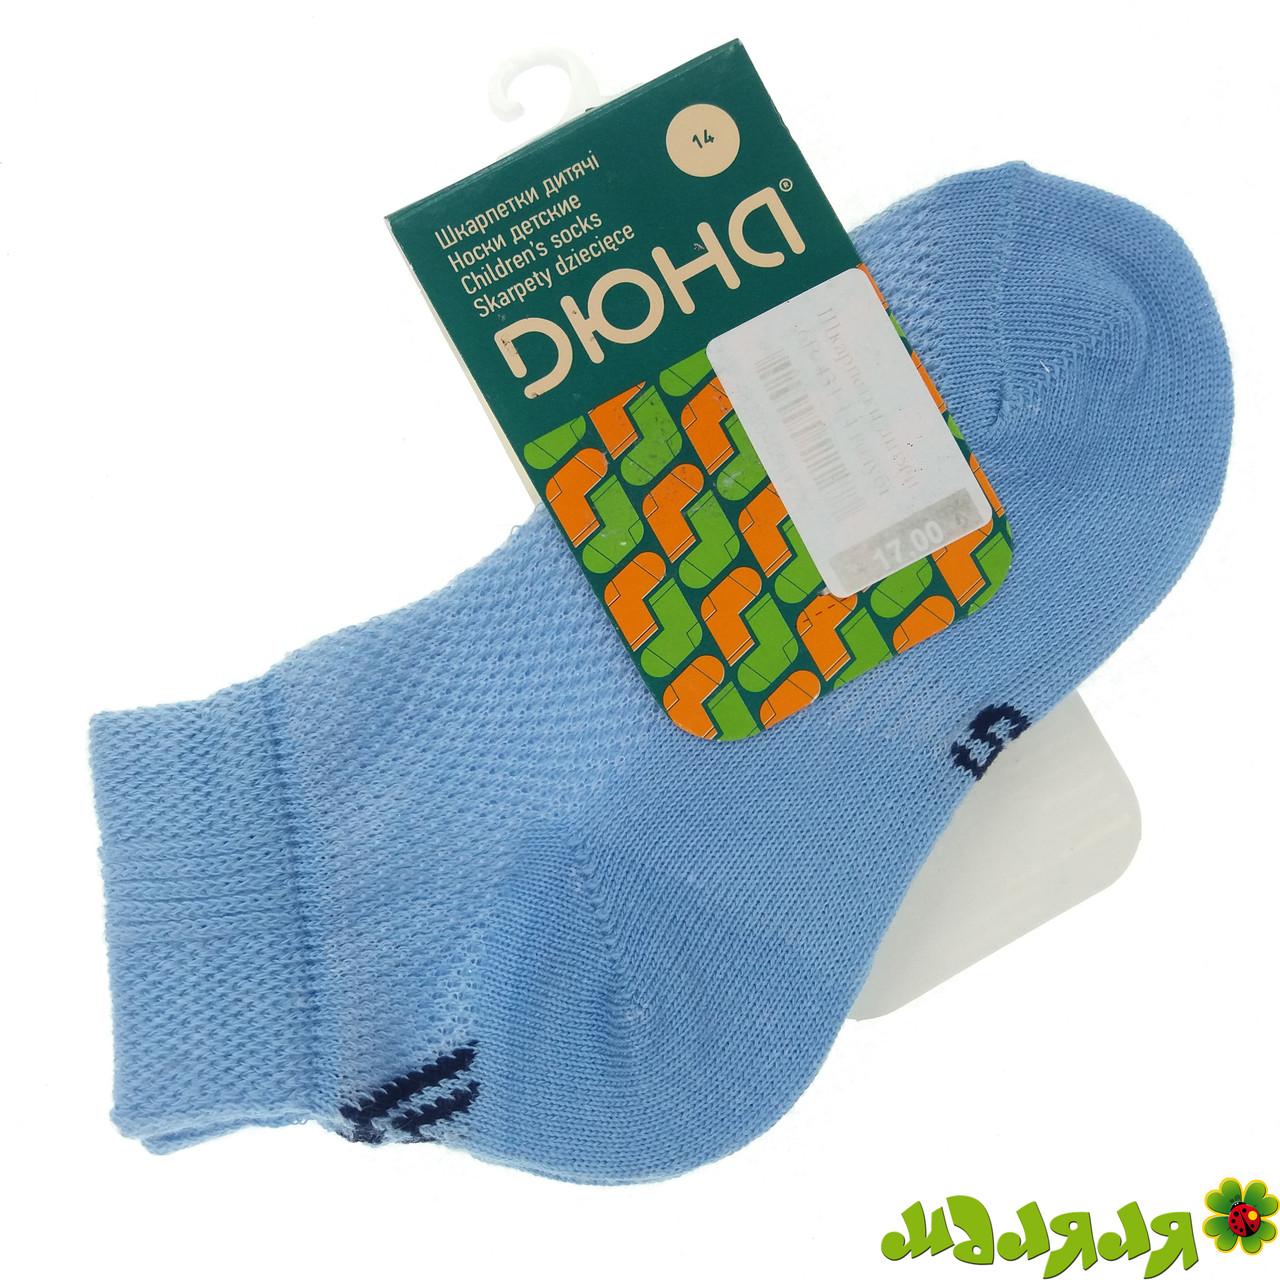 Носки в сеточку детские Дюна 6В-431 стелька 14-16 синий